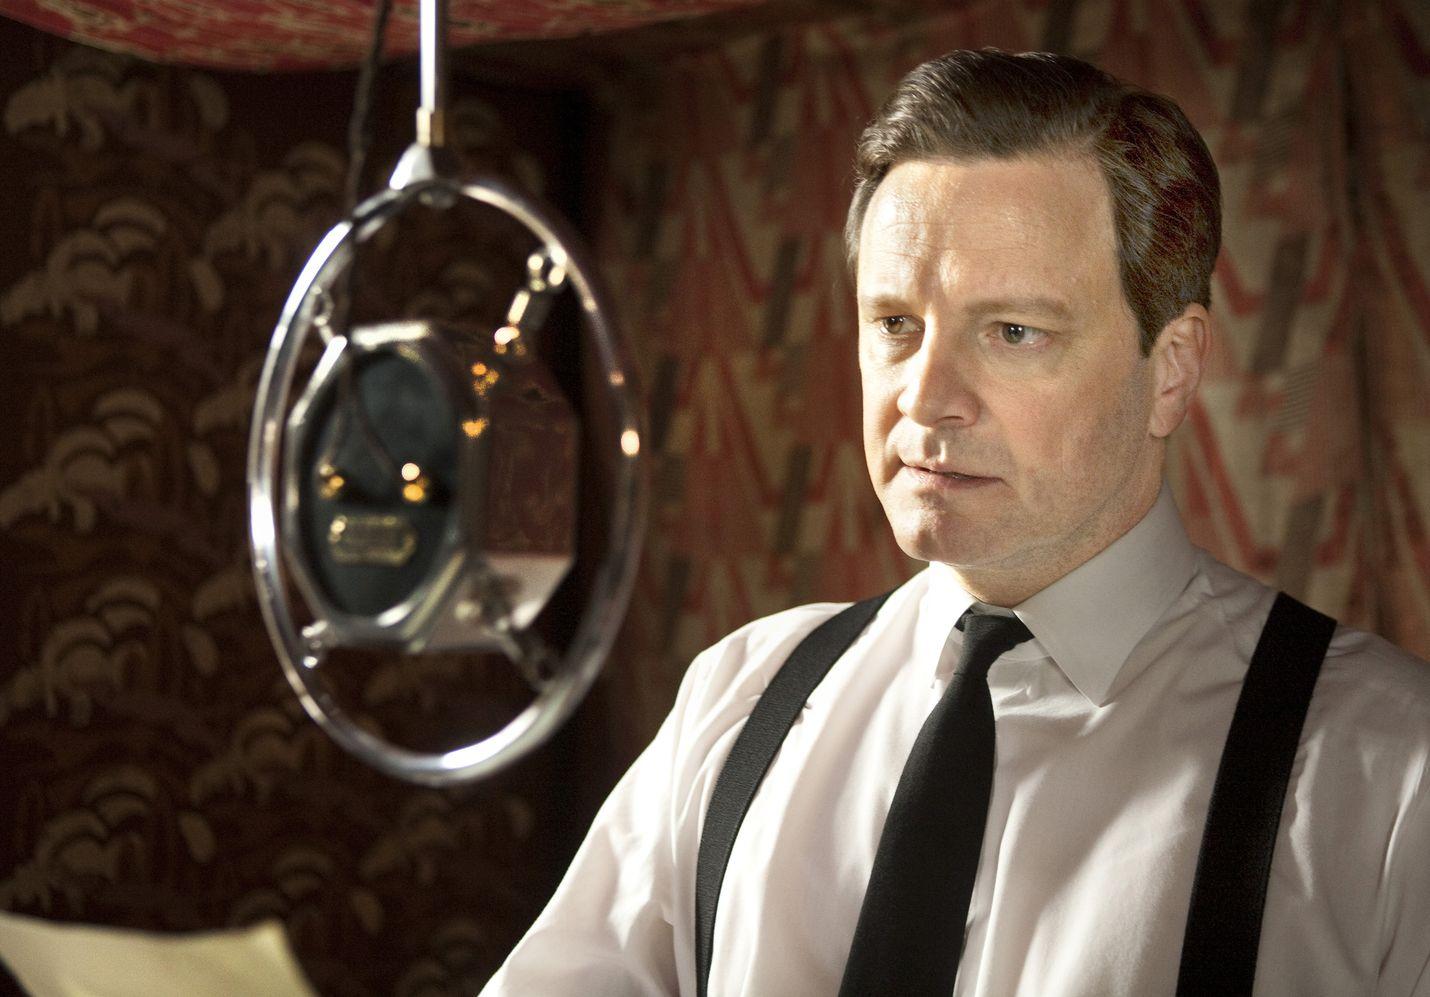 Neljällä Oscarilla palkittu elokuva Yrjö VI:n (Colin Firth) änkytyksestä. Kuninkaan puhe kertoo, kuinka hän pystyi pitämään puheita.